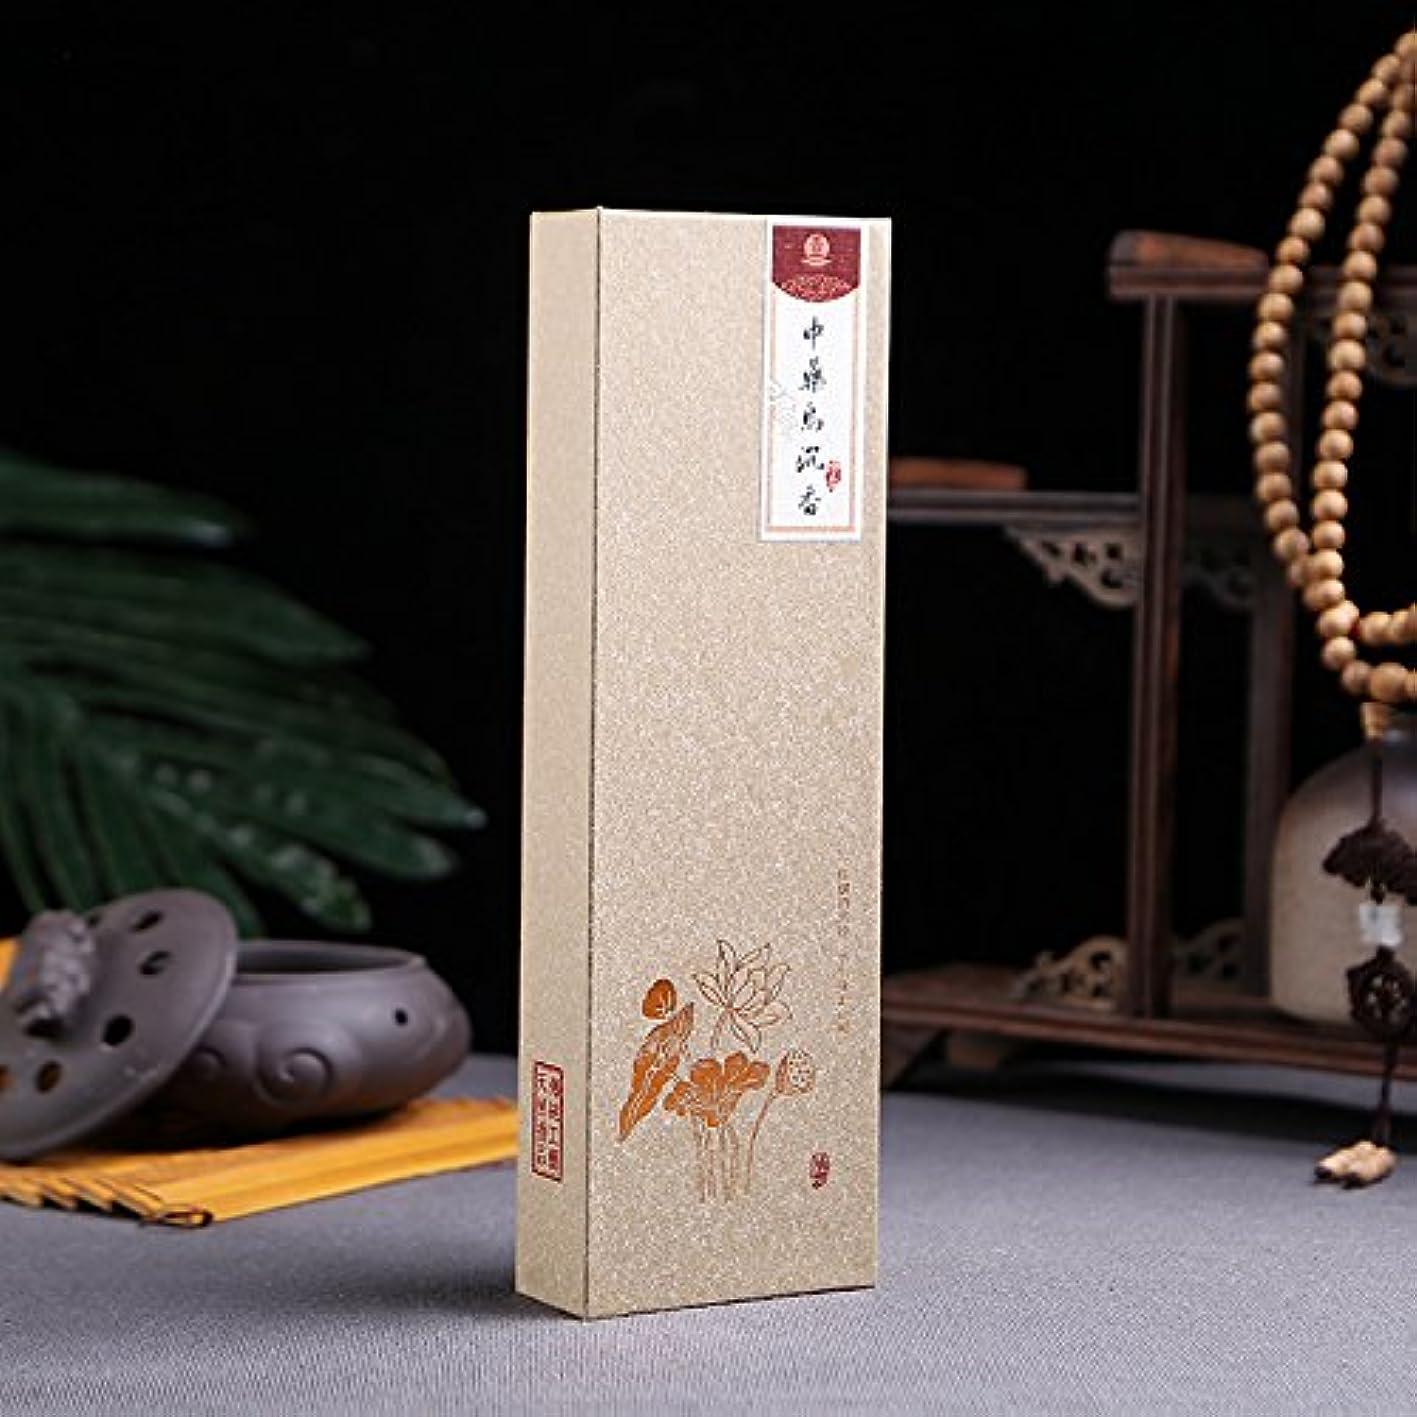 シングル正規化フォークDiatems - Rongmu Shenlanxiang香卸売100歳の山よもぎ箱入り香のギフトボックス白檀[4]